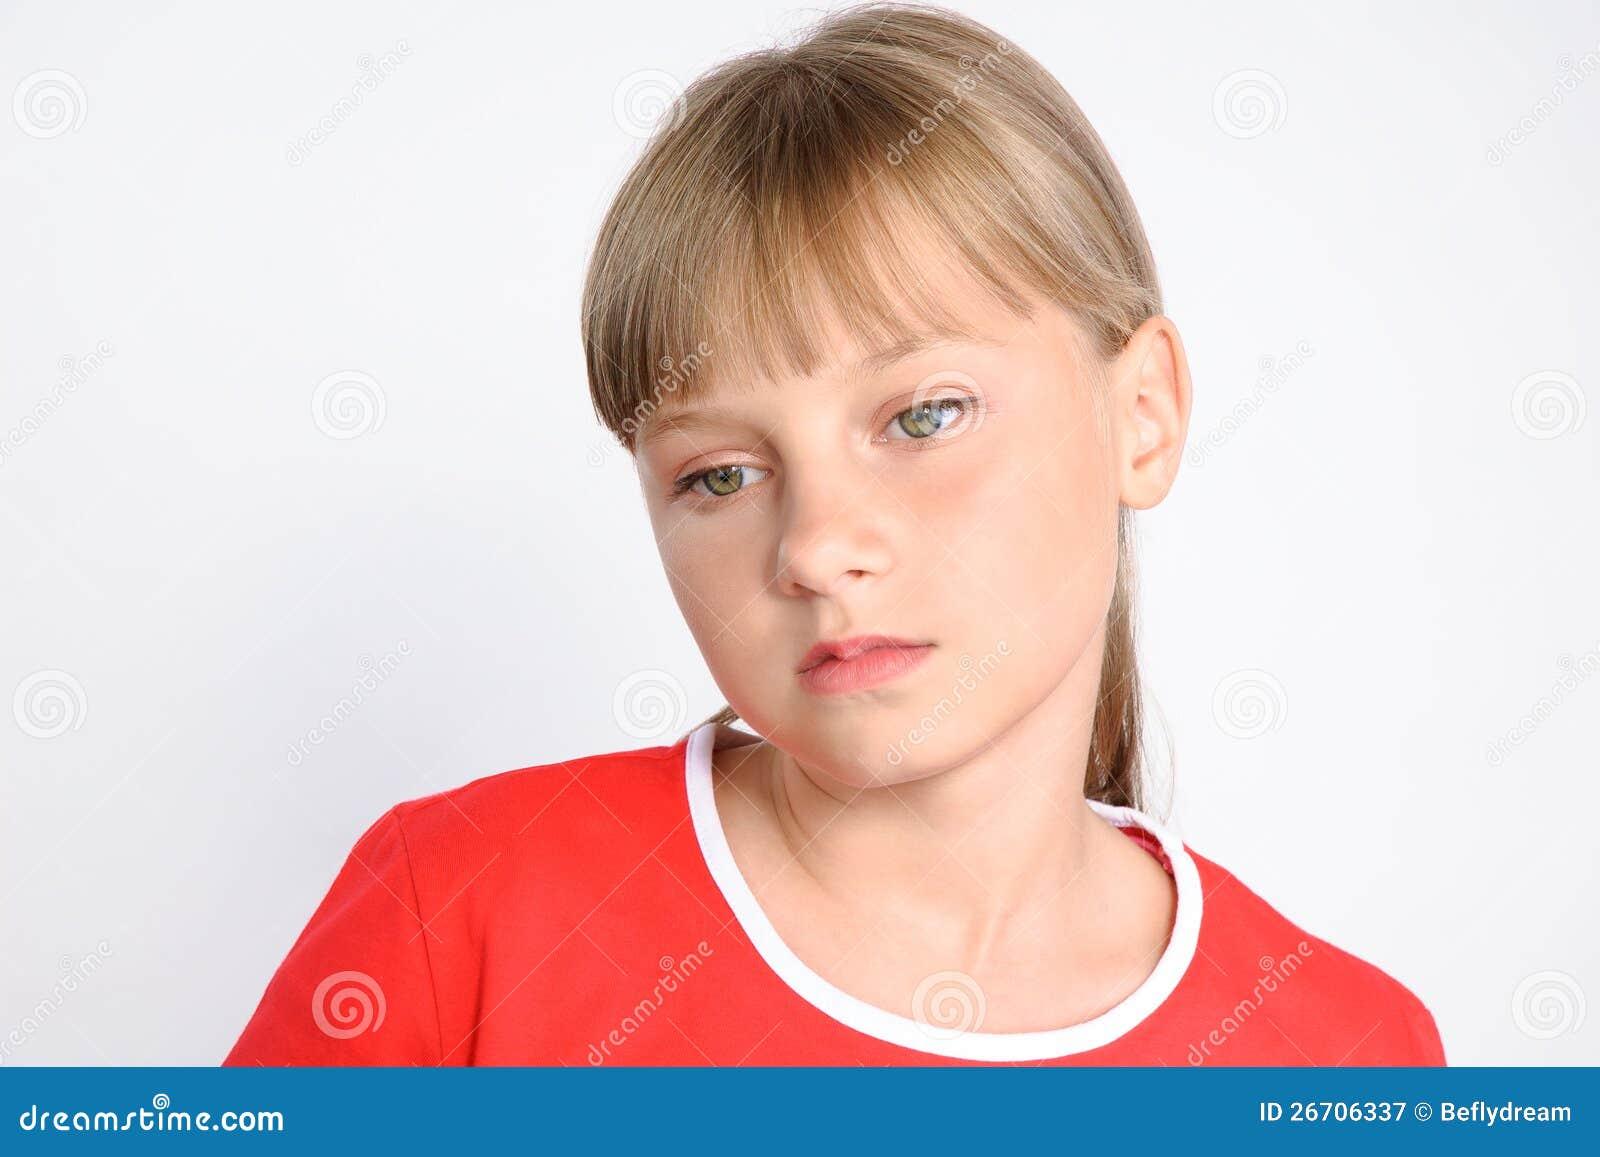 Droevig preteen meisje de problemen van de tiener royalty vrije stock fotografie afbeelding - Ruimtekleur tiener meisje ...